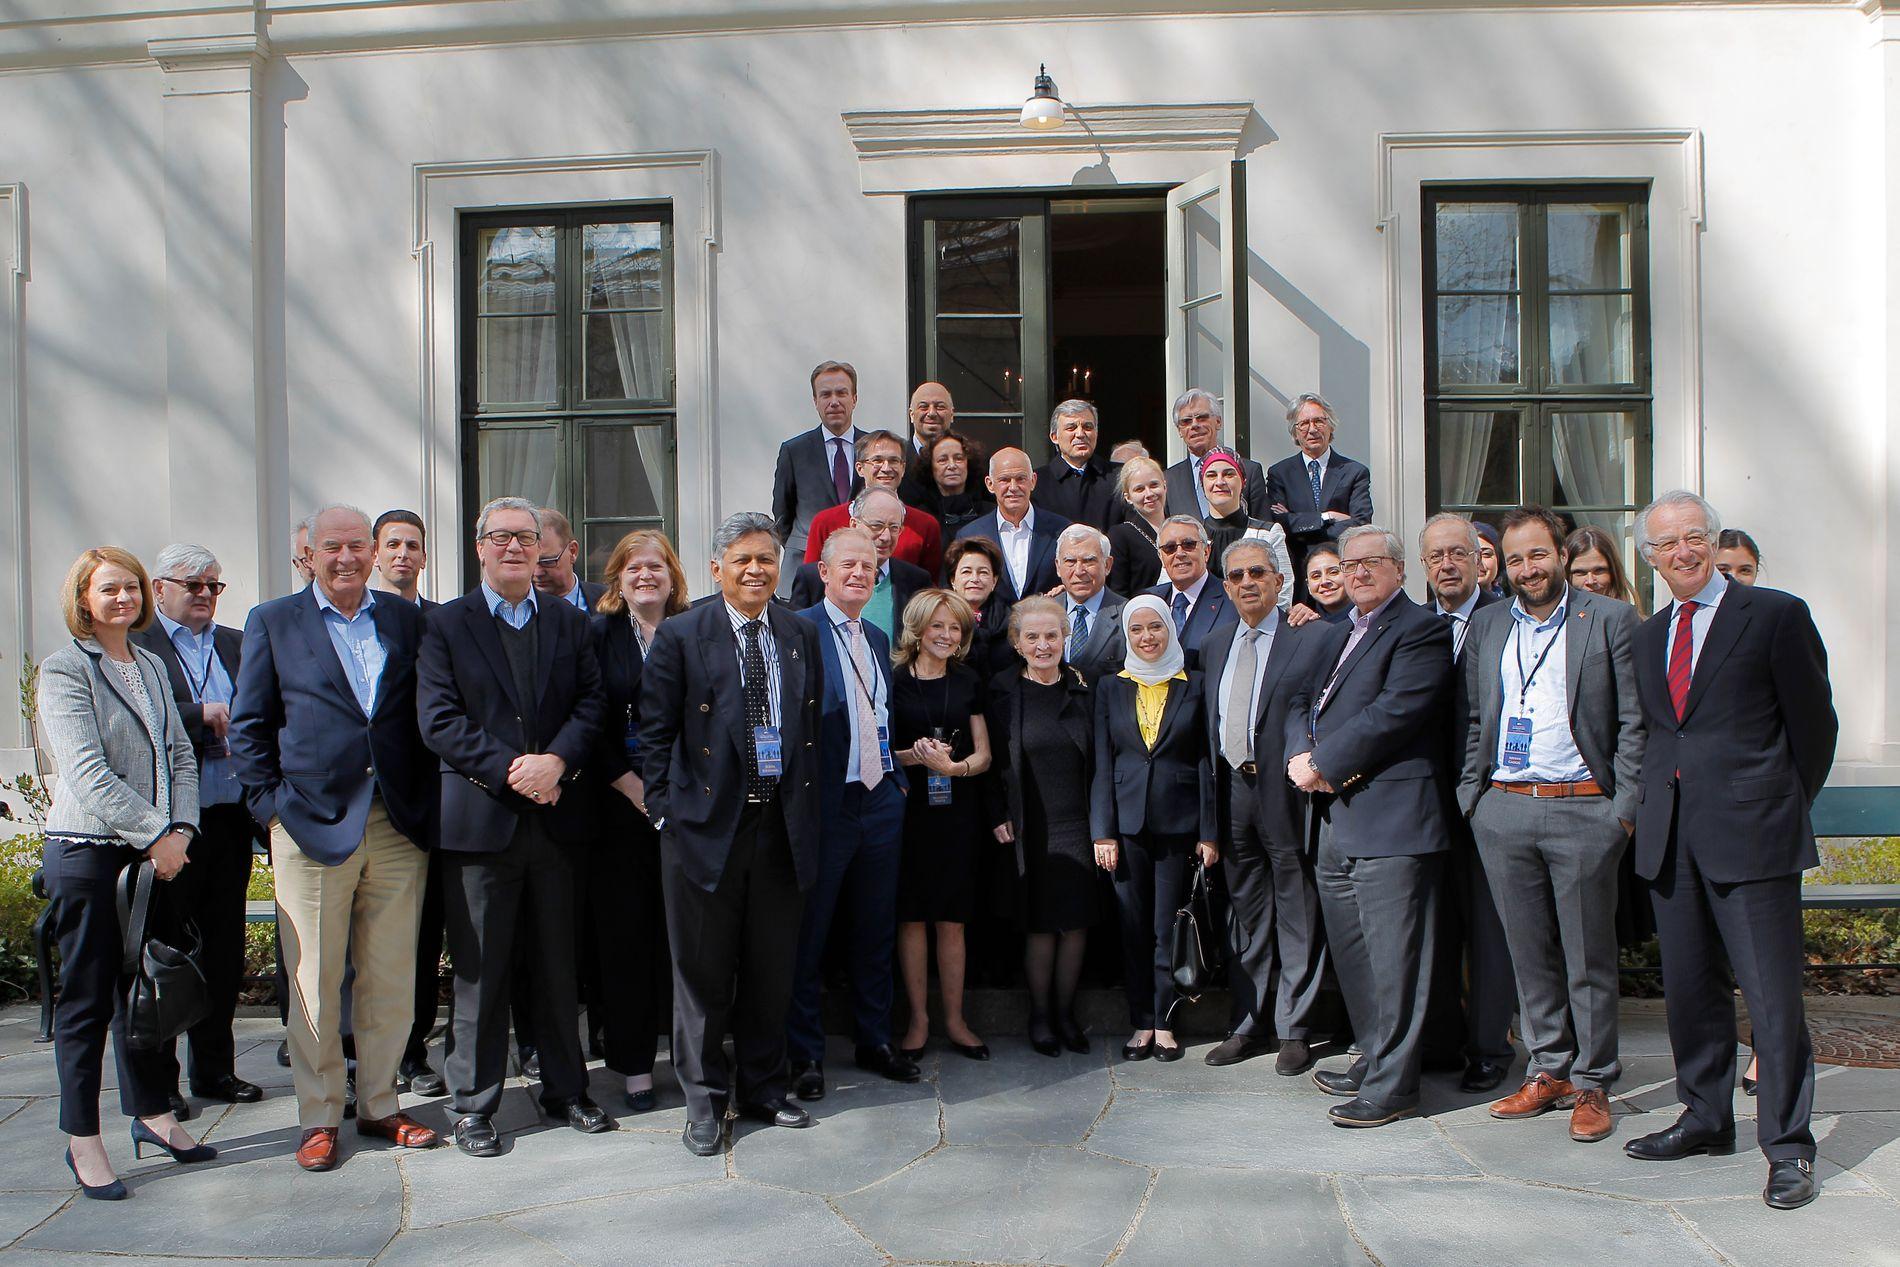 Over 30 eks-utenriksministre fra verden over møtes jevnlig, og reiser hvert år på tur sammen. Dette året ble det Oslo.